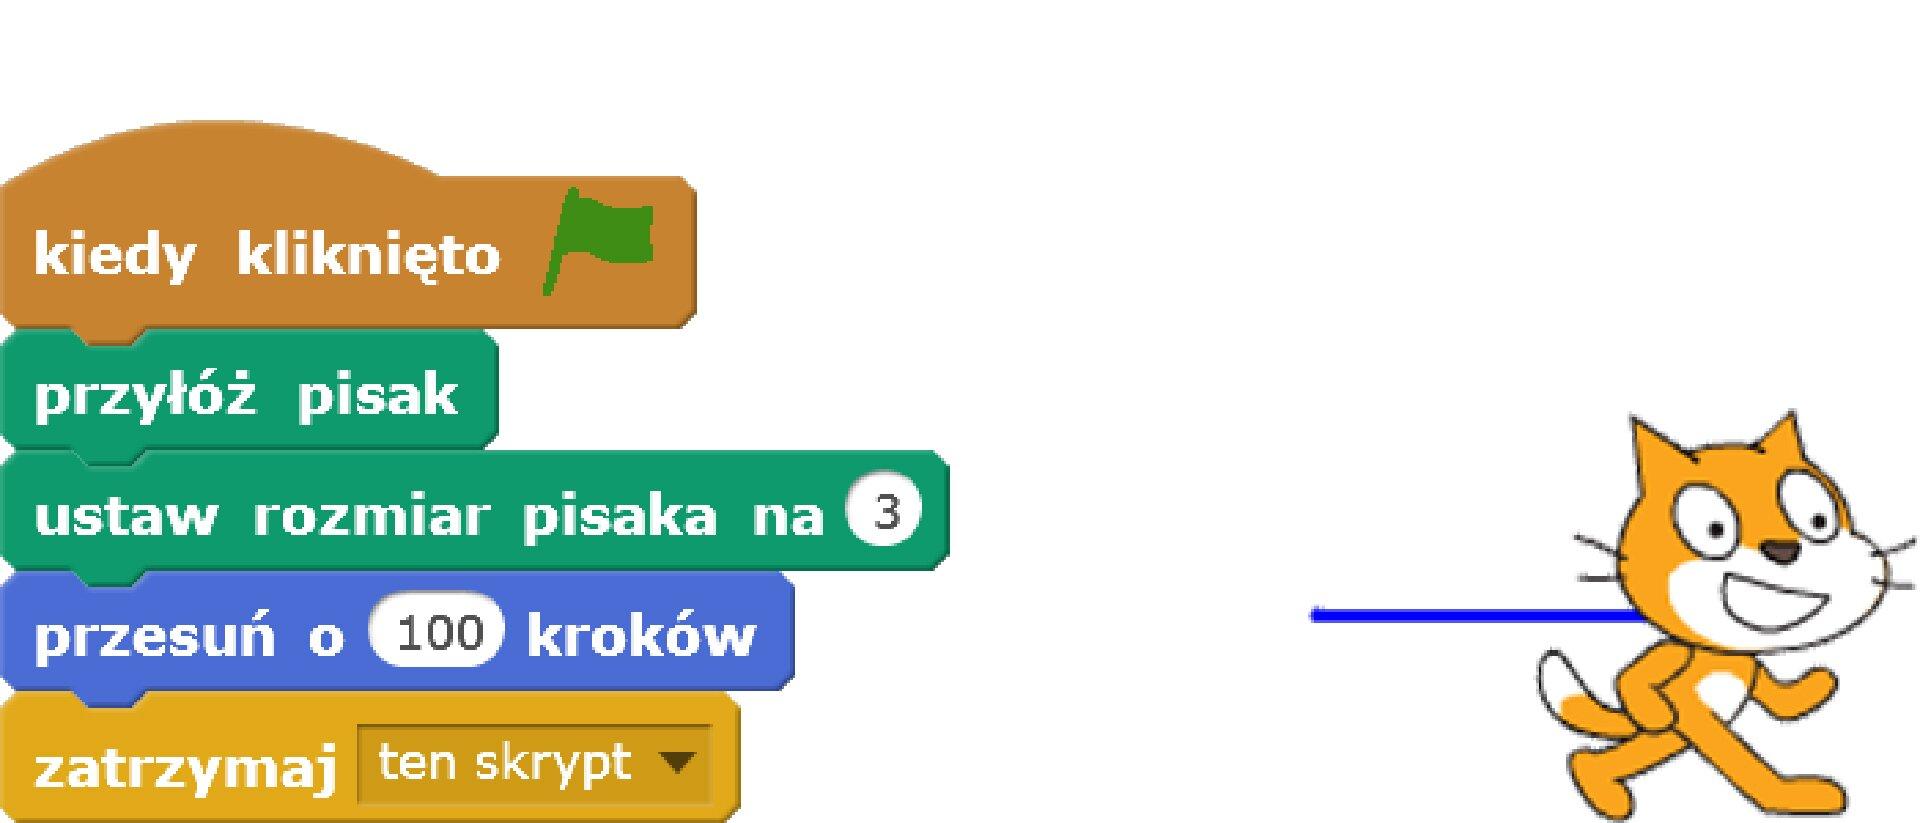 Skrypt realizujący przesunięcie duszka inarysowanie poziomej linii po kliknięciu zielonej flagi